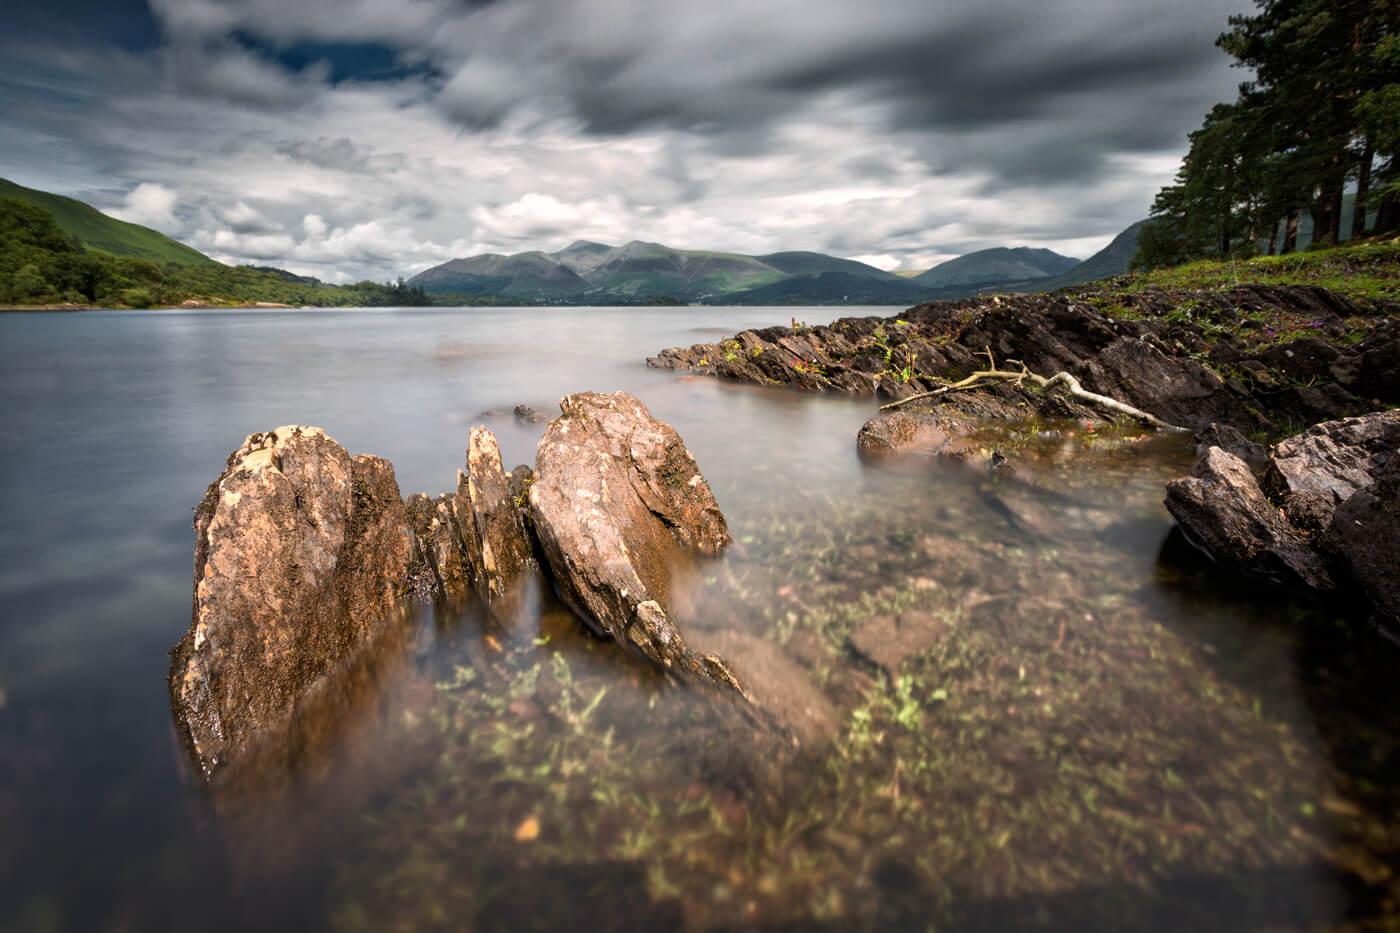 Manesty Bay, Derwentwater, Lake District